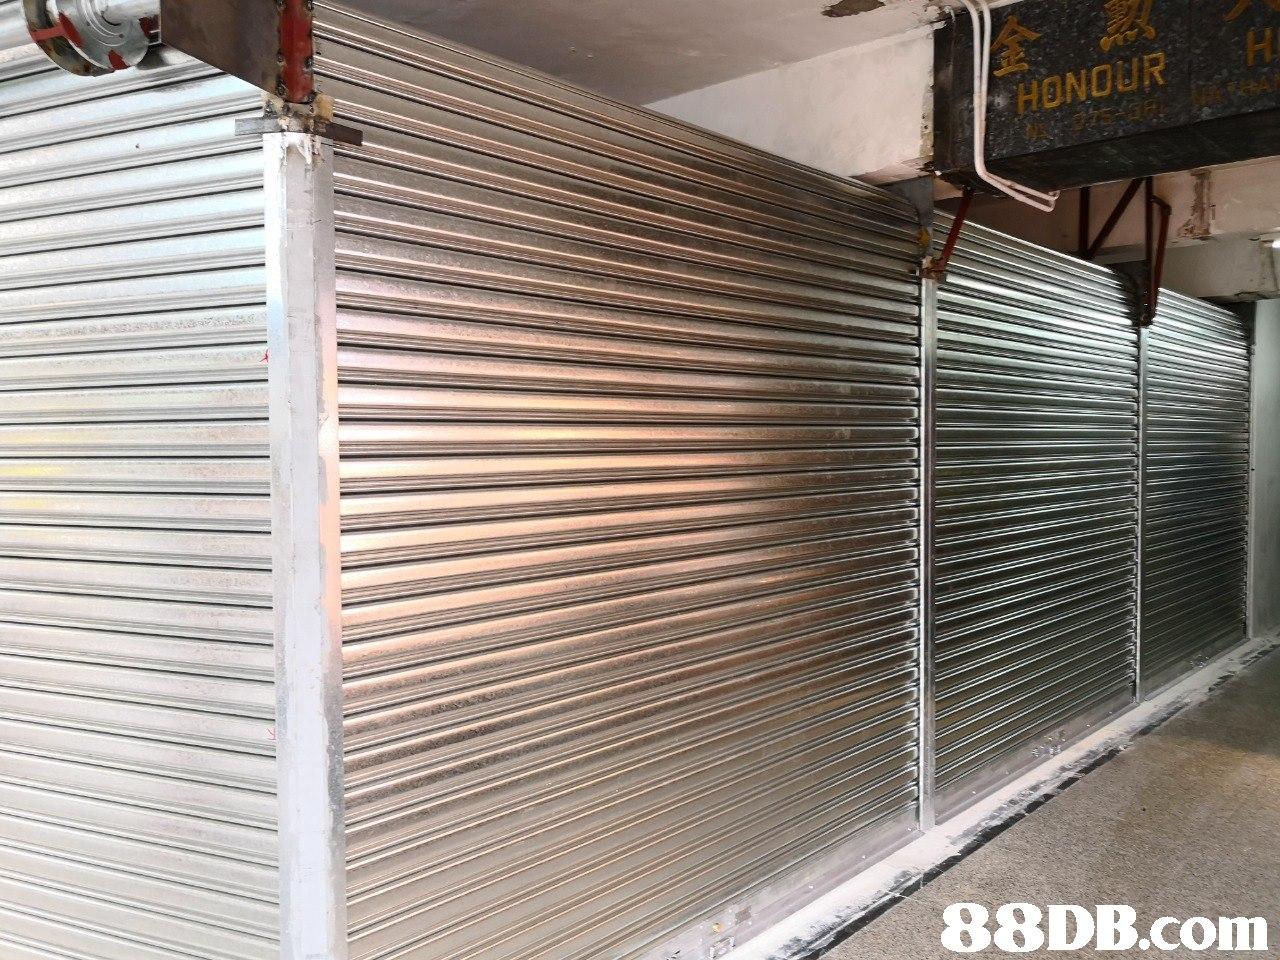 HONOURH   window covering,window blind,metal,window,window treatment